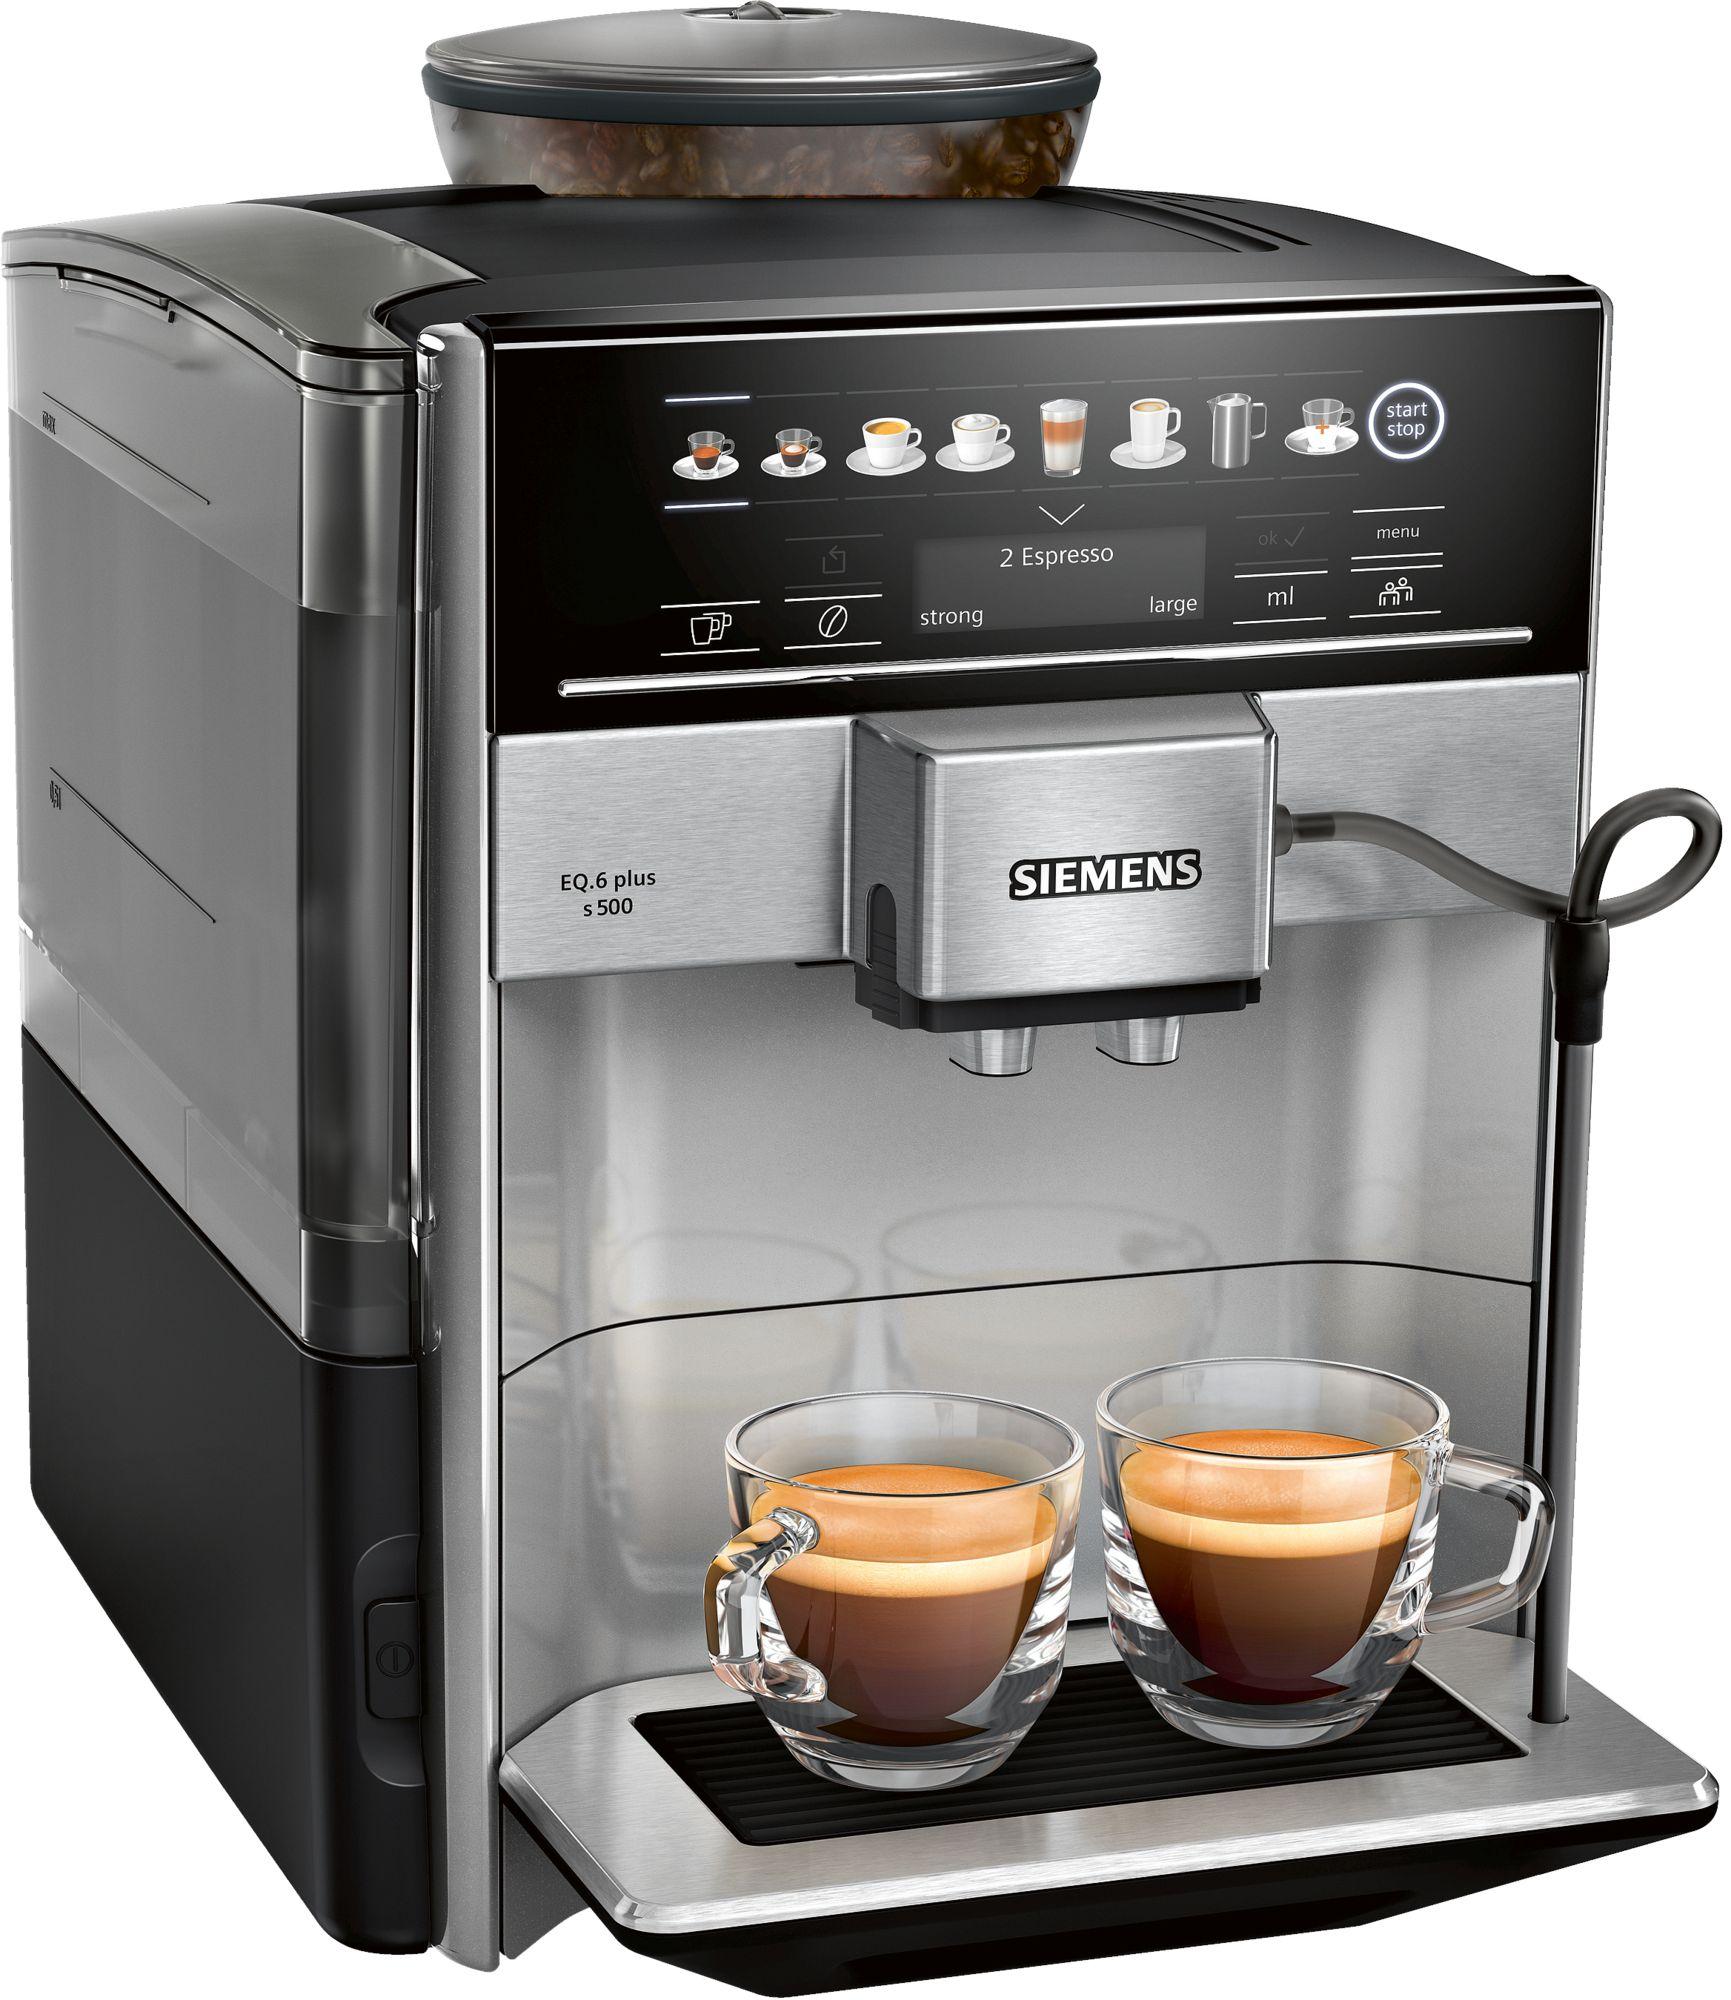 מכונת קפה אוטטמטית SIEMENS TP507R04 EQ.500